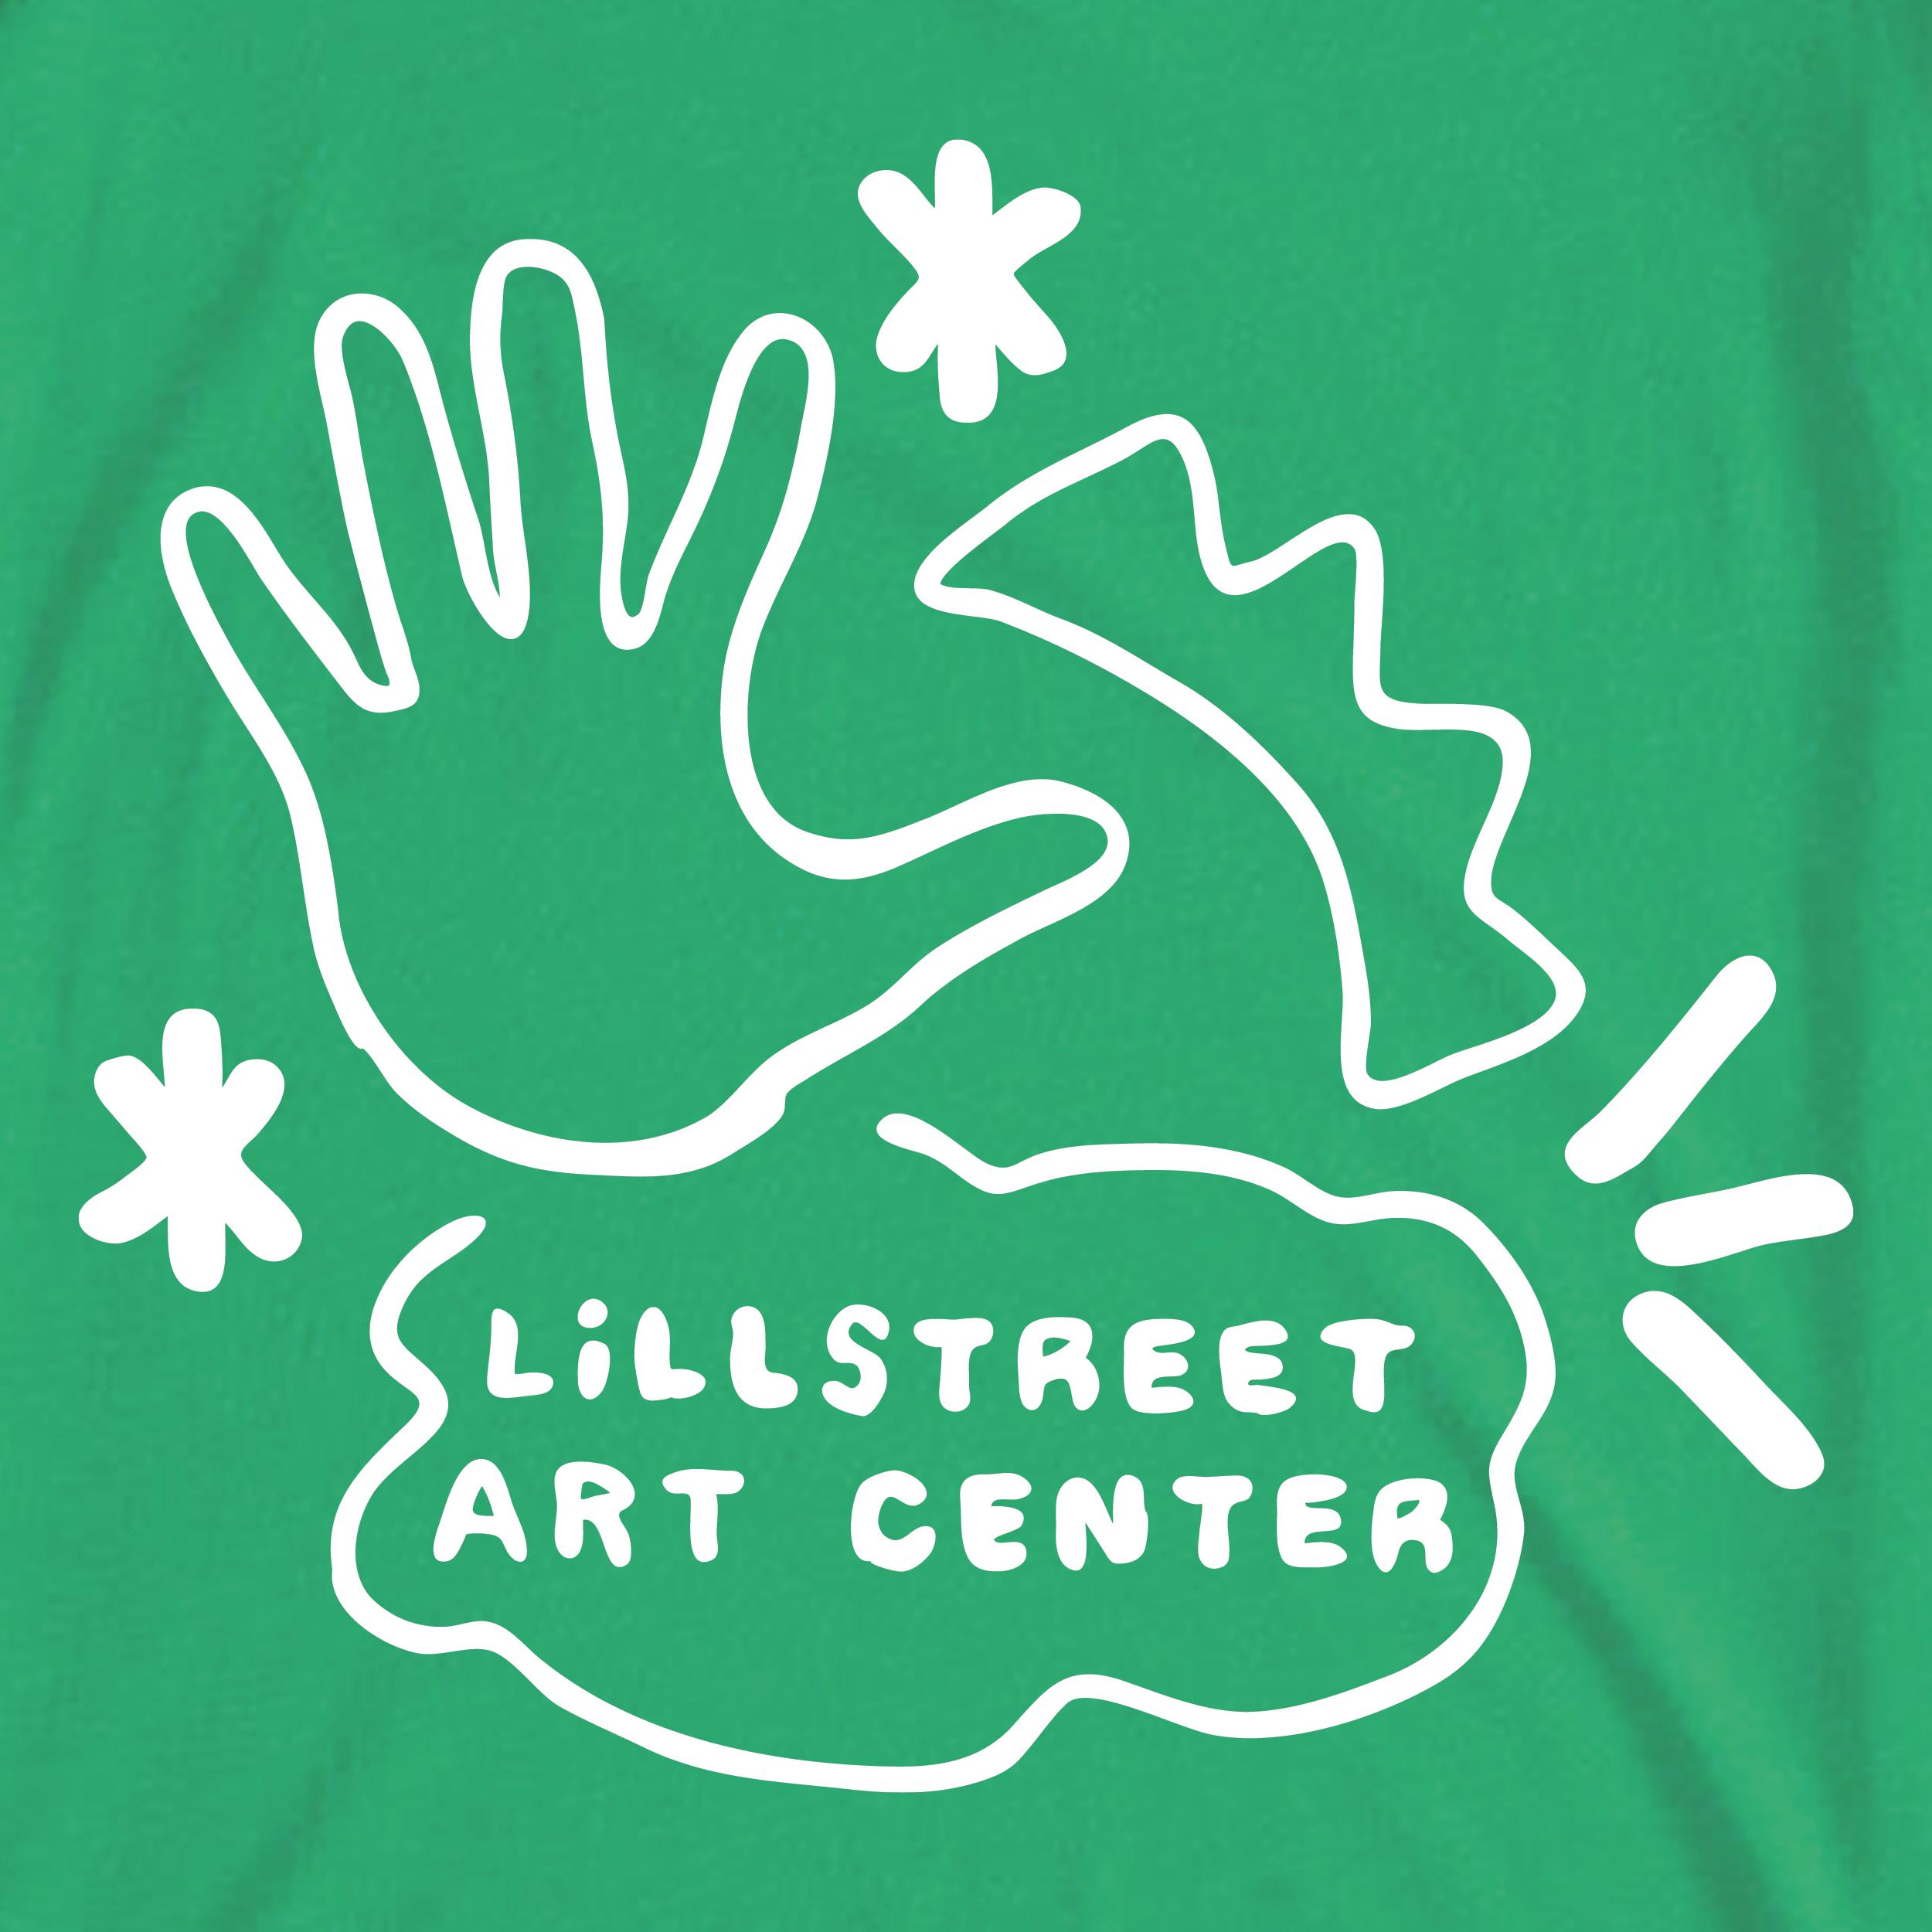 255_Lillstreet_Art_Center_1200x1200_1.png